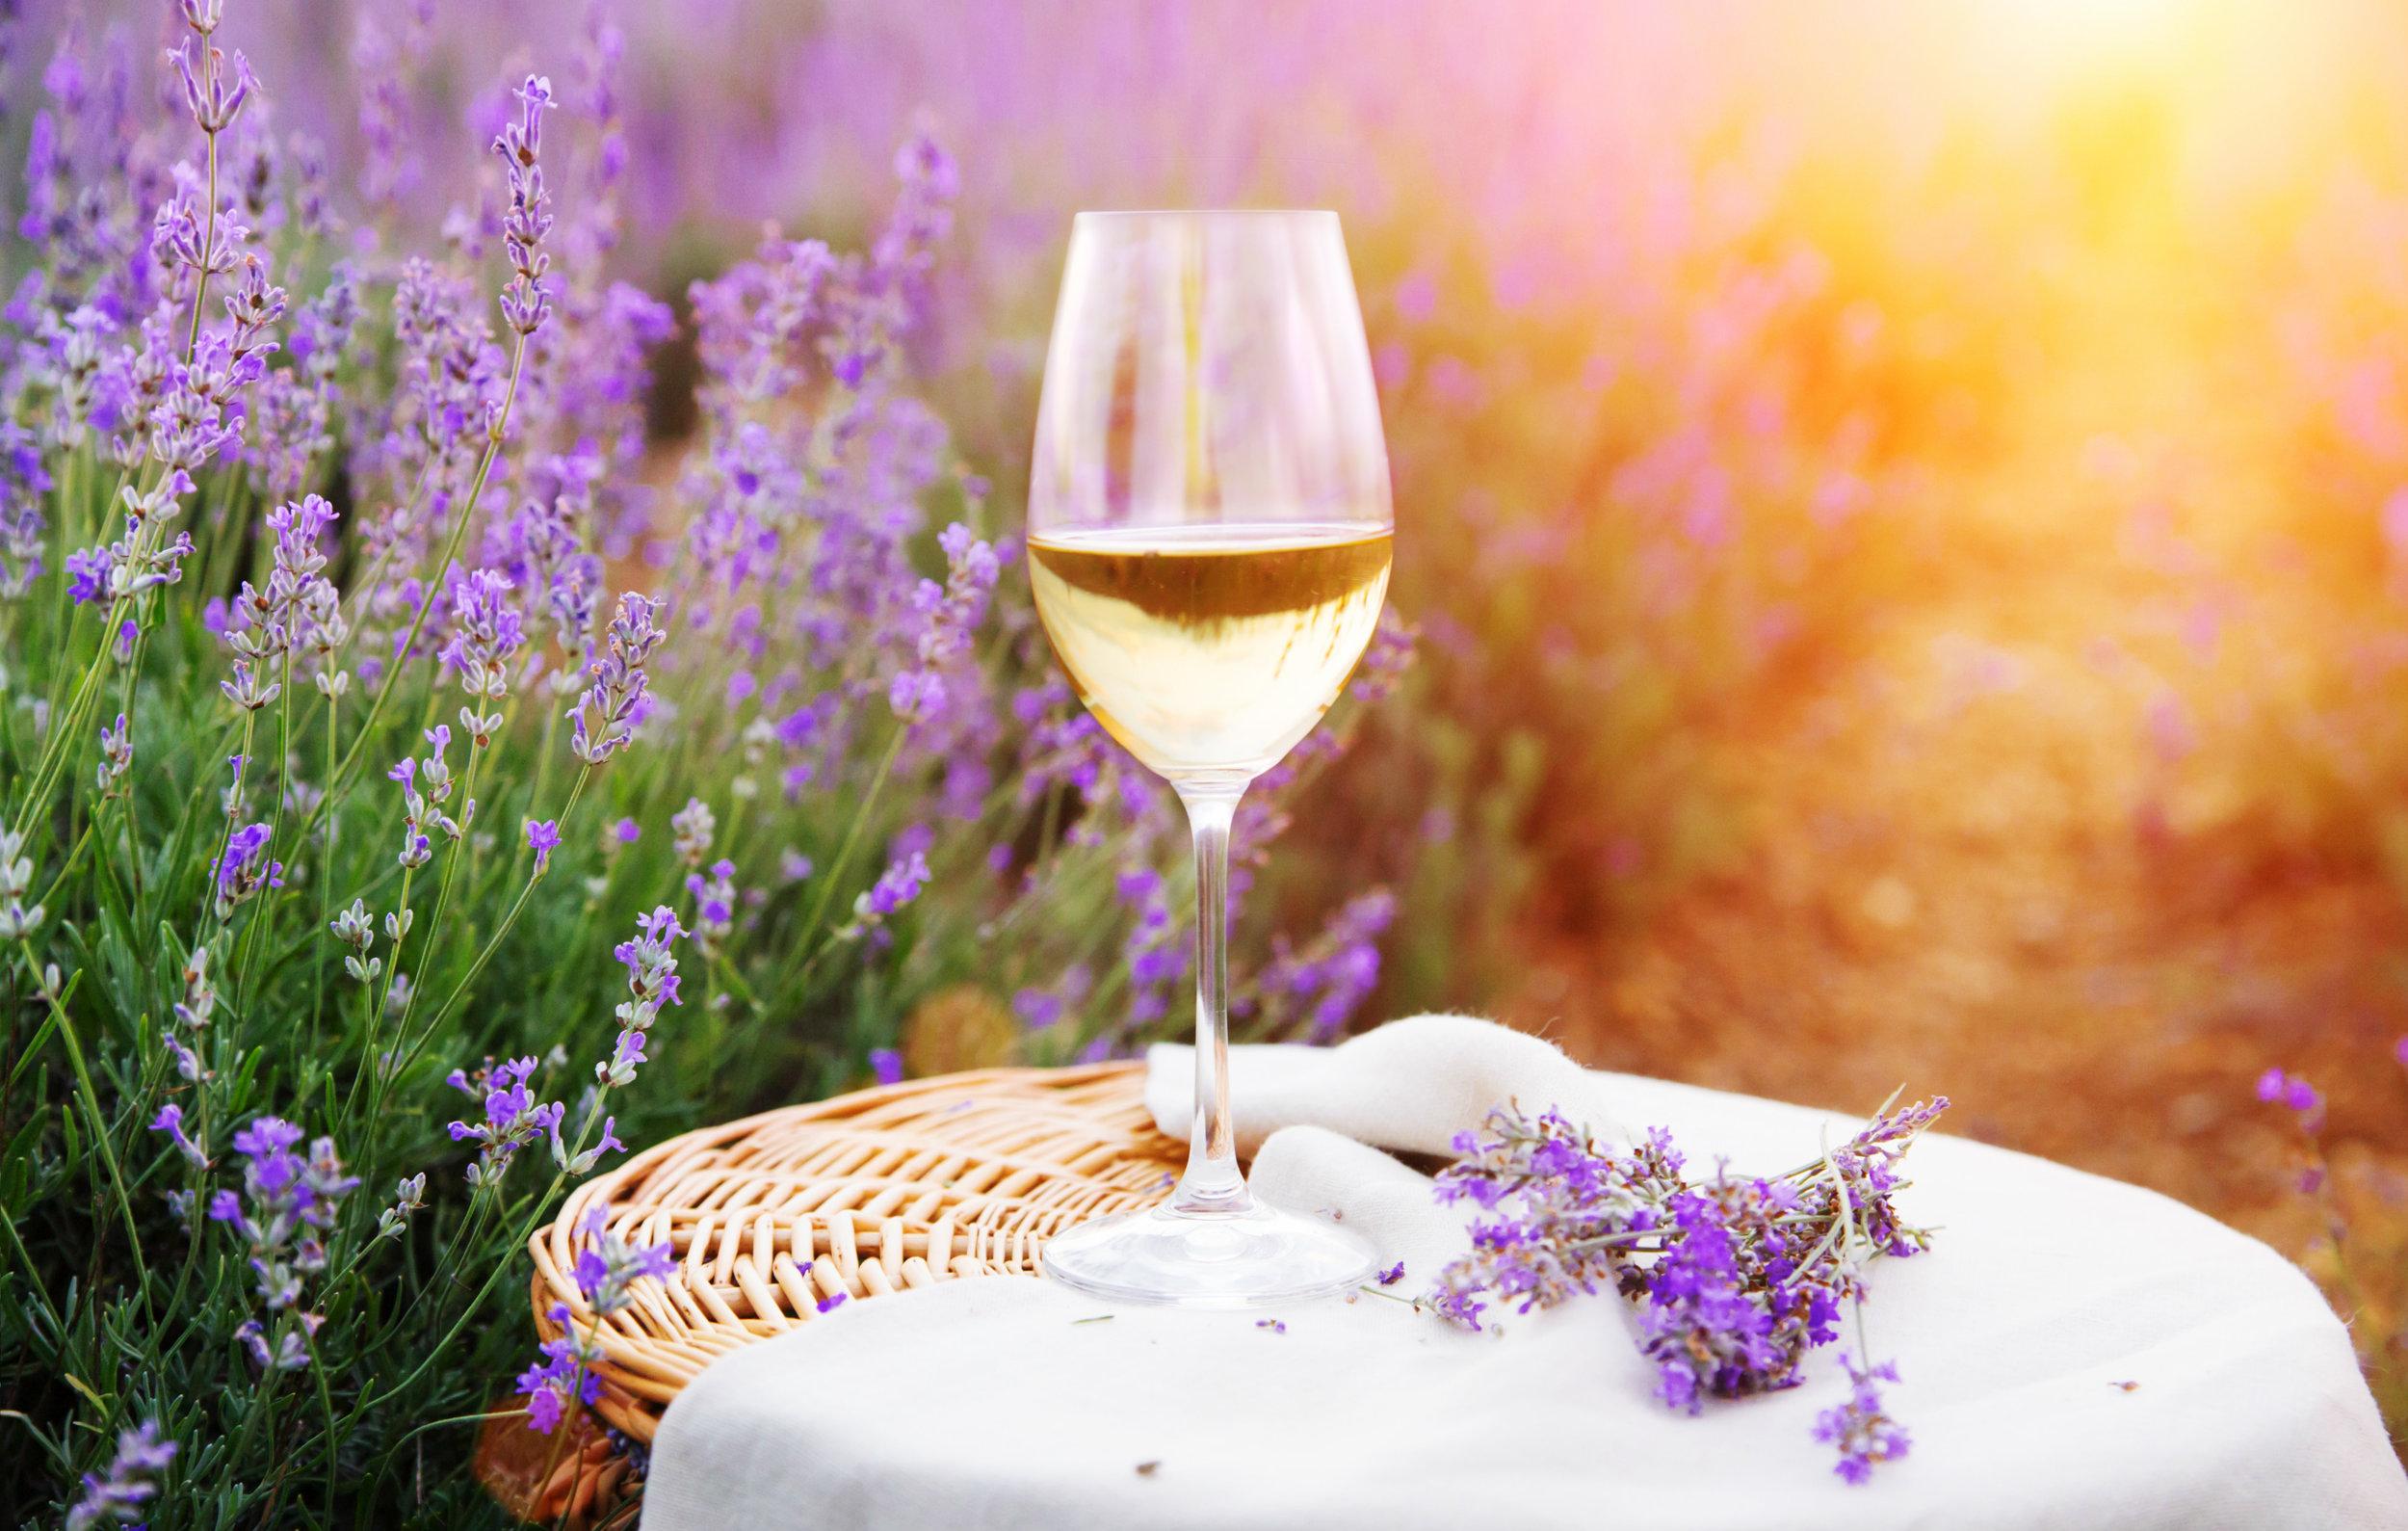 rose wine blig.jpg